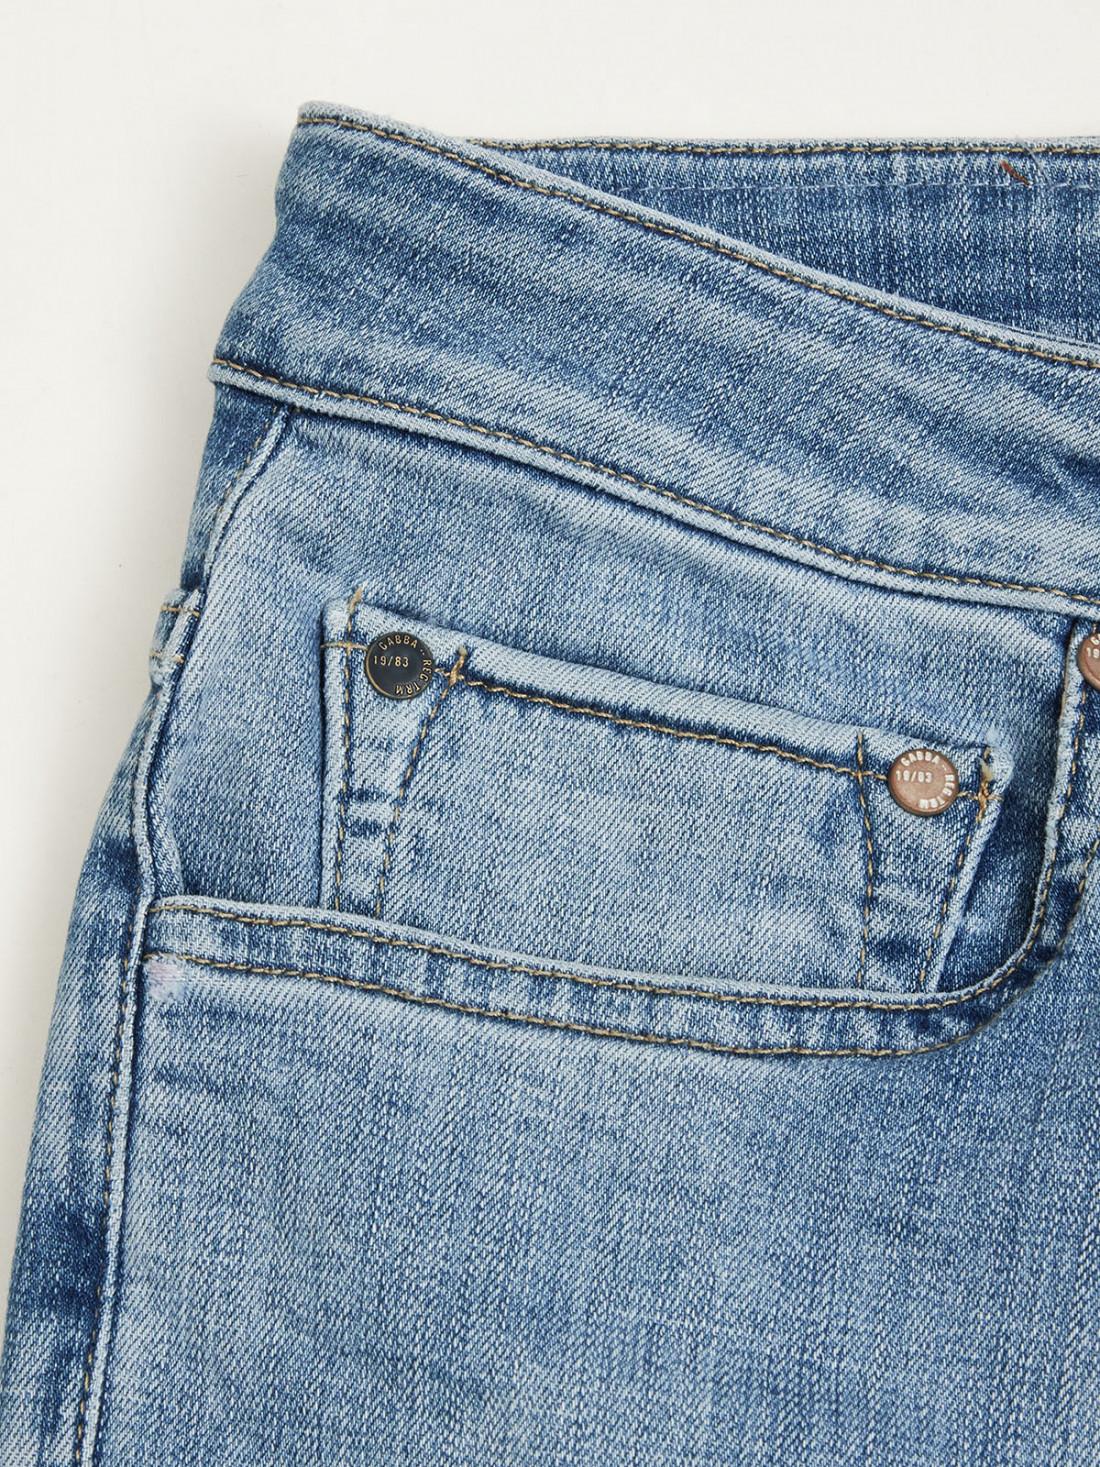 Pantalón jeans azul, lavado a la piedra, corte recto, cinco bolsillos